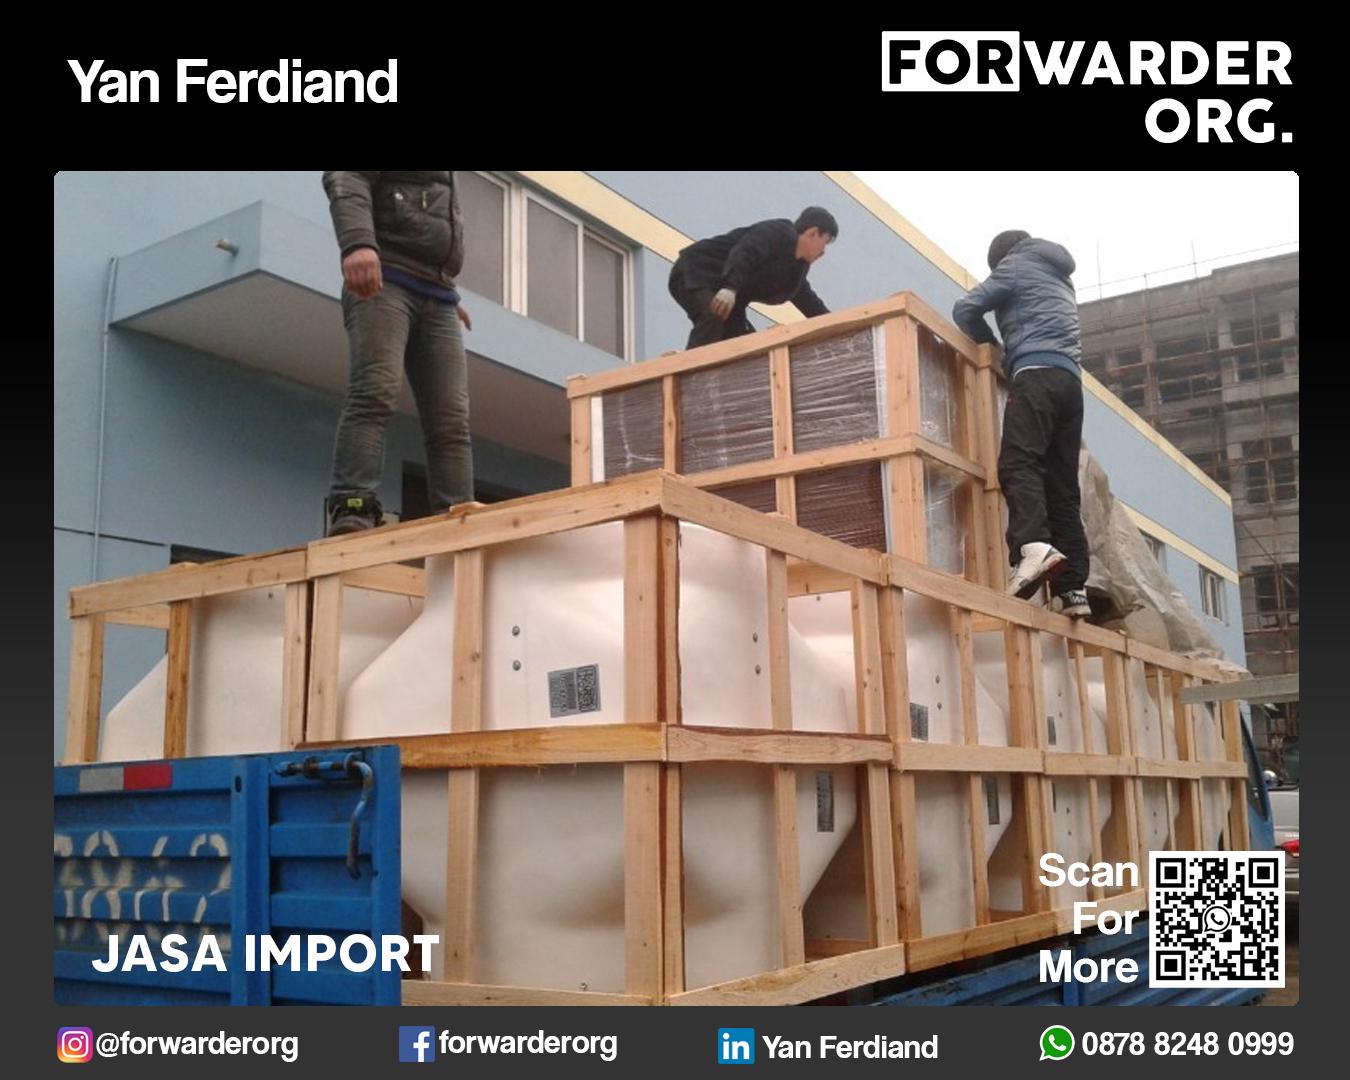 Jasa Import Barang Umum dari Asia dan Eropa | FORWARDER ORG